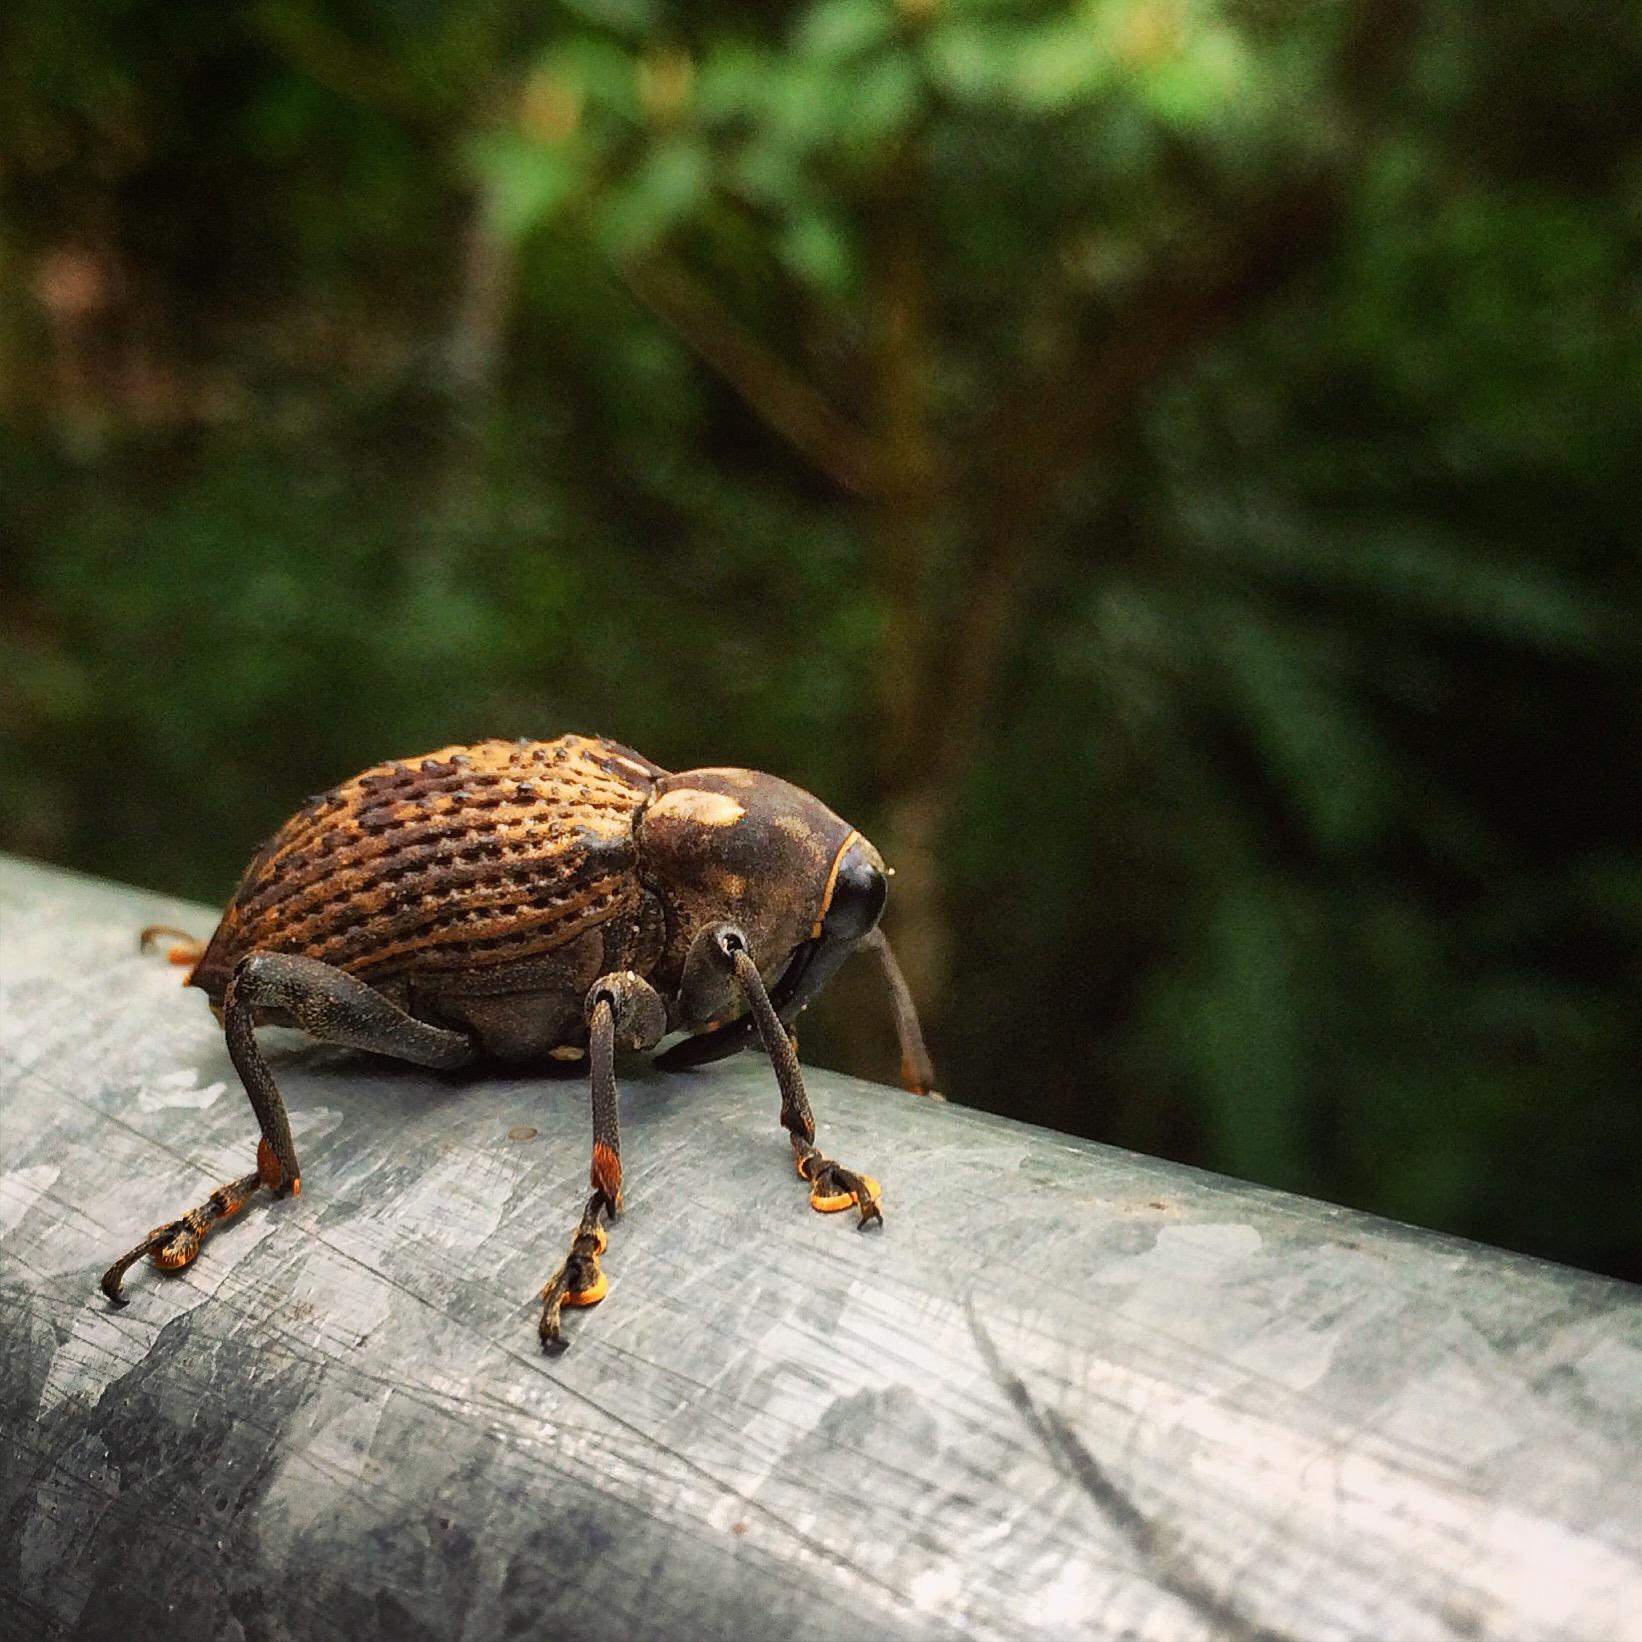 Jungle bug